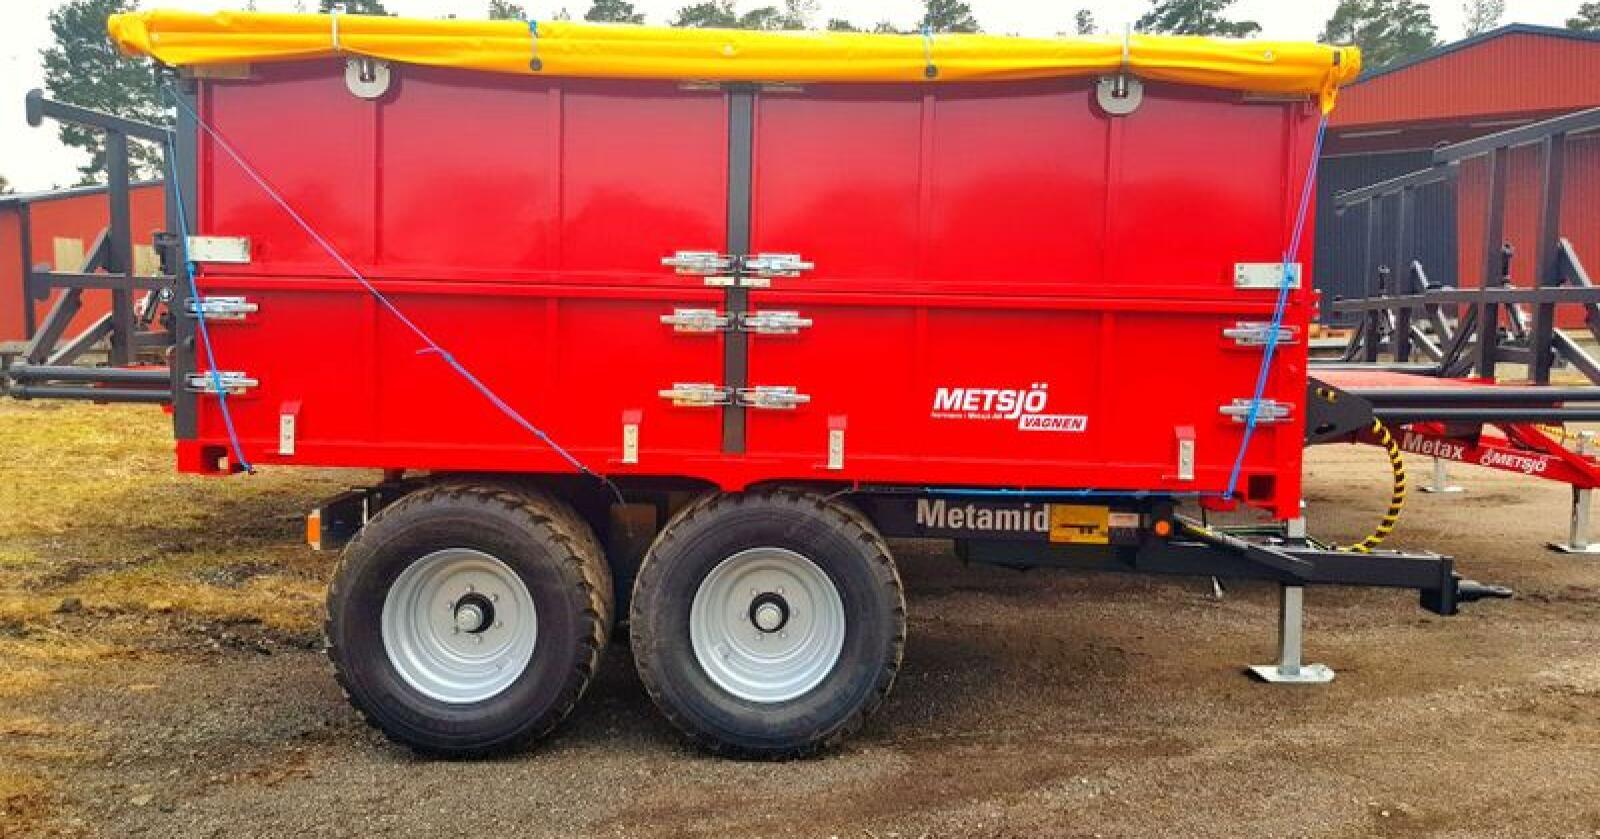 Ny versjon: MetaMid kan nå leveres med større hjul enn tidligere. Foto: Produsenten